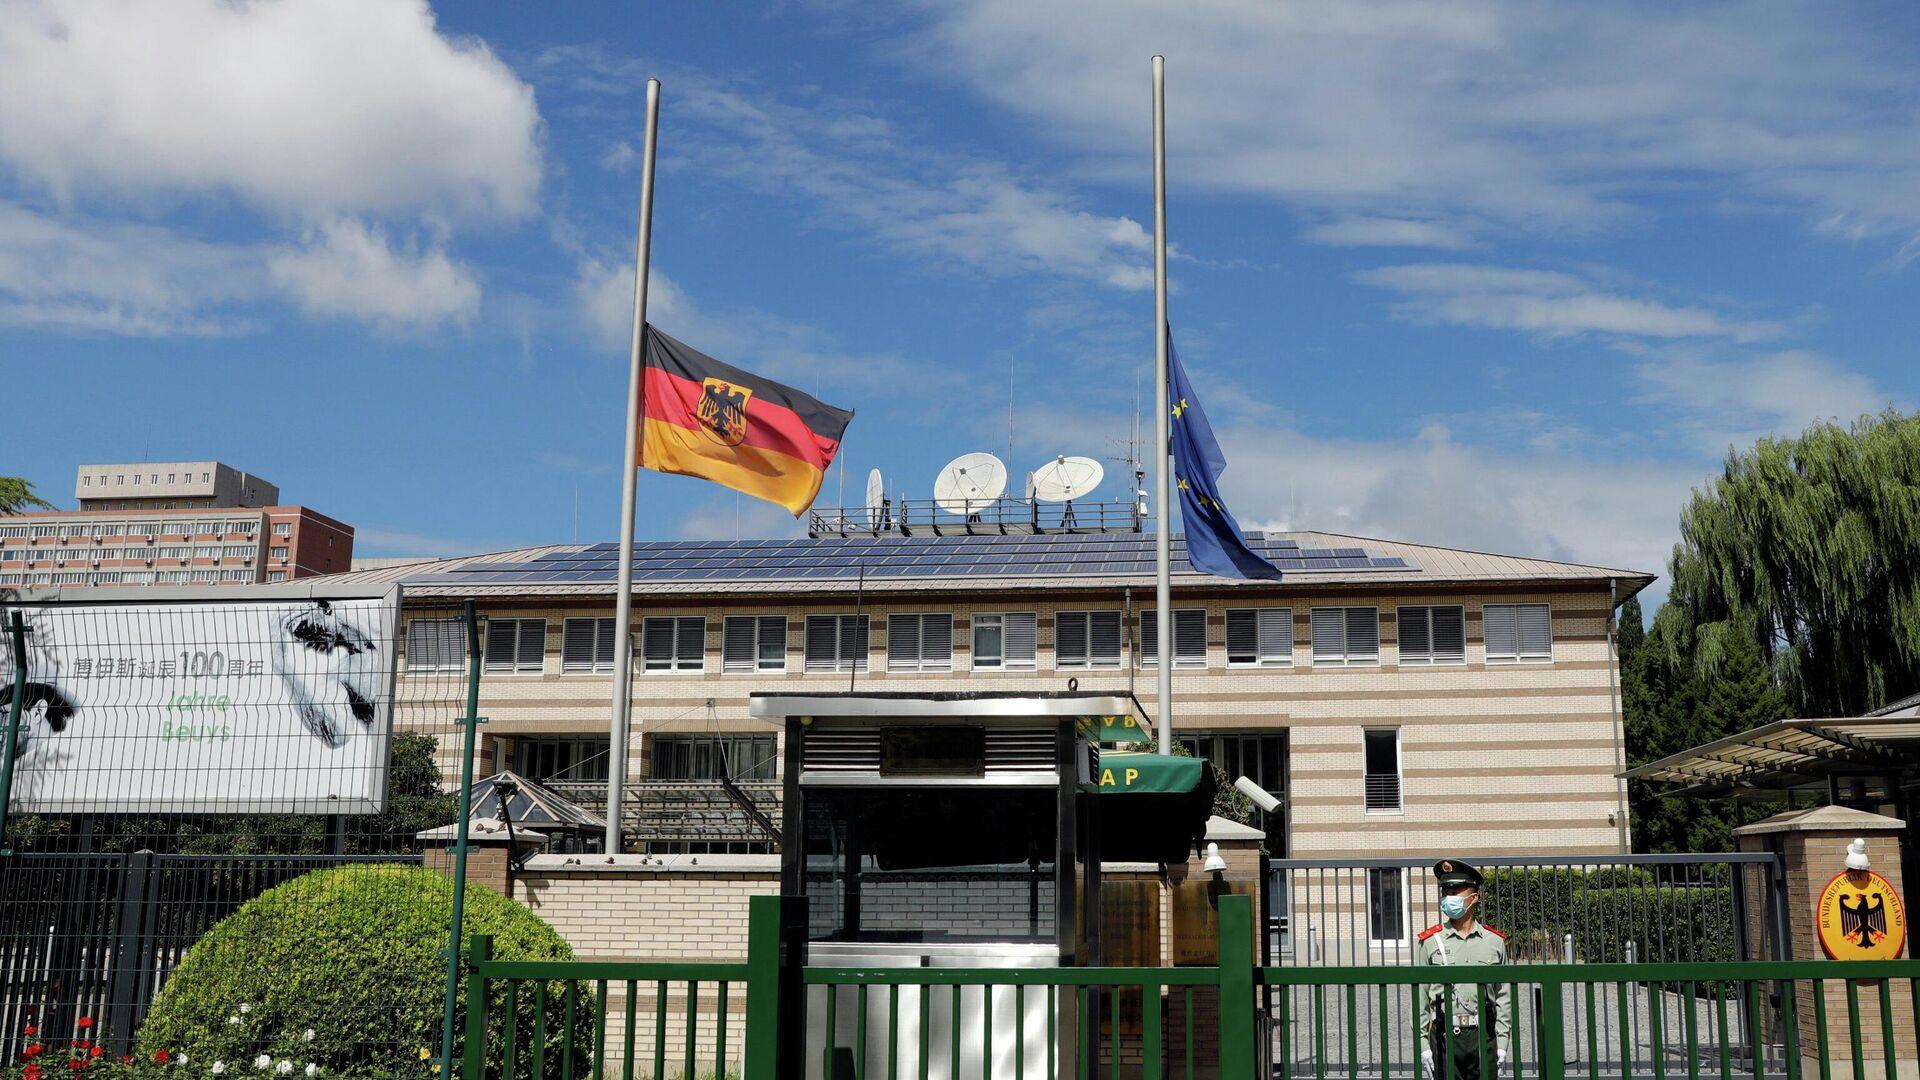 Немачка амбасада у Кини - Sputnik Србија, 1920, 06.09.2021